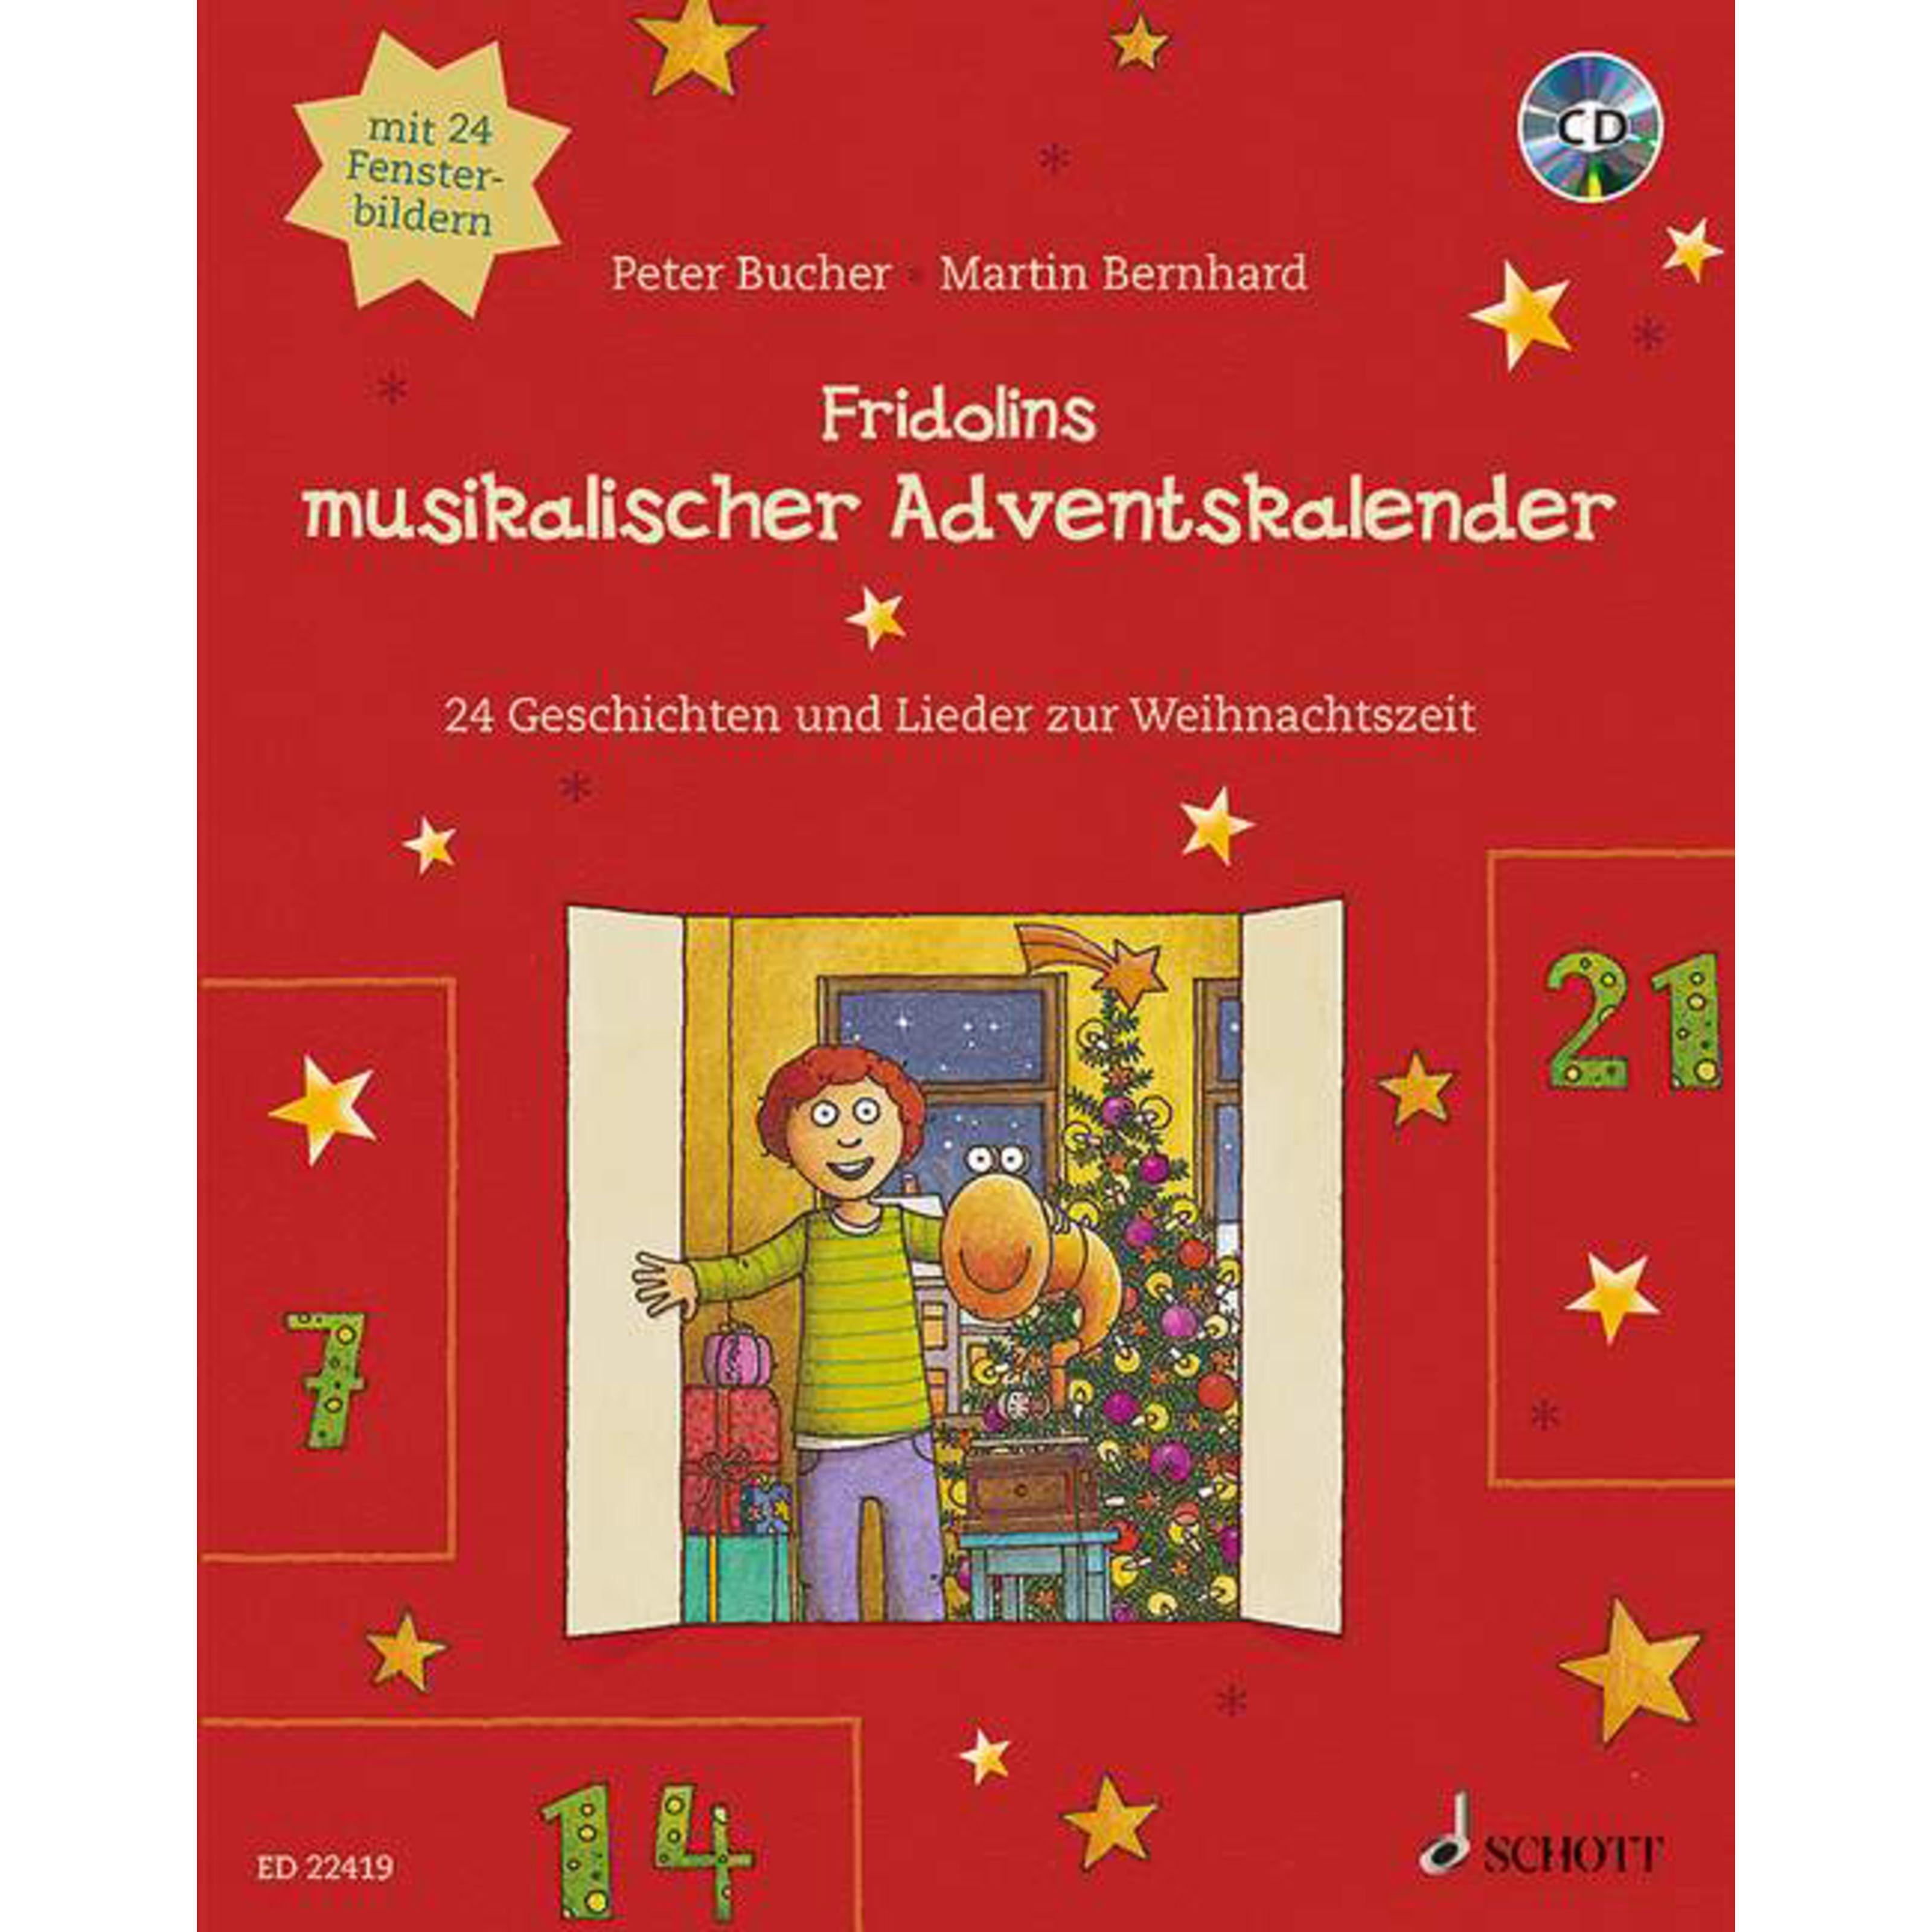 Schott Music - Fridolins musikalischer Adventskalender ED 22419